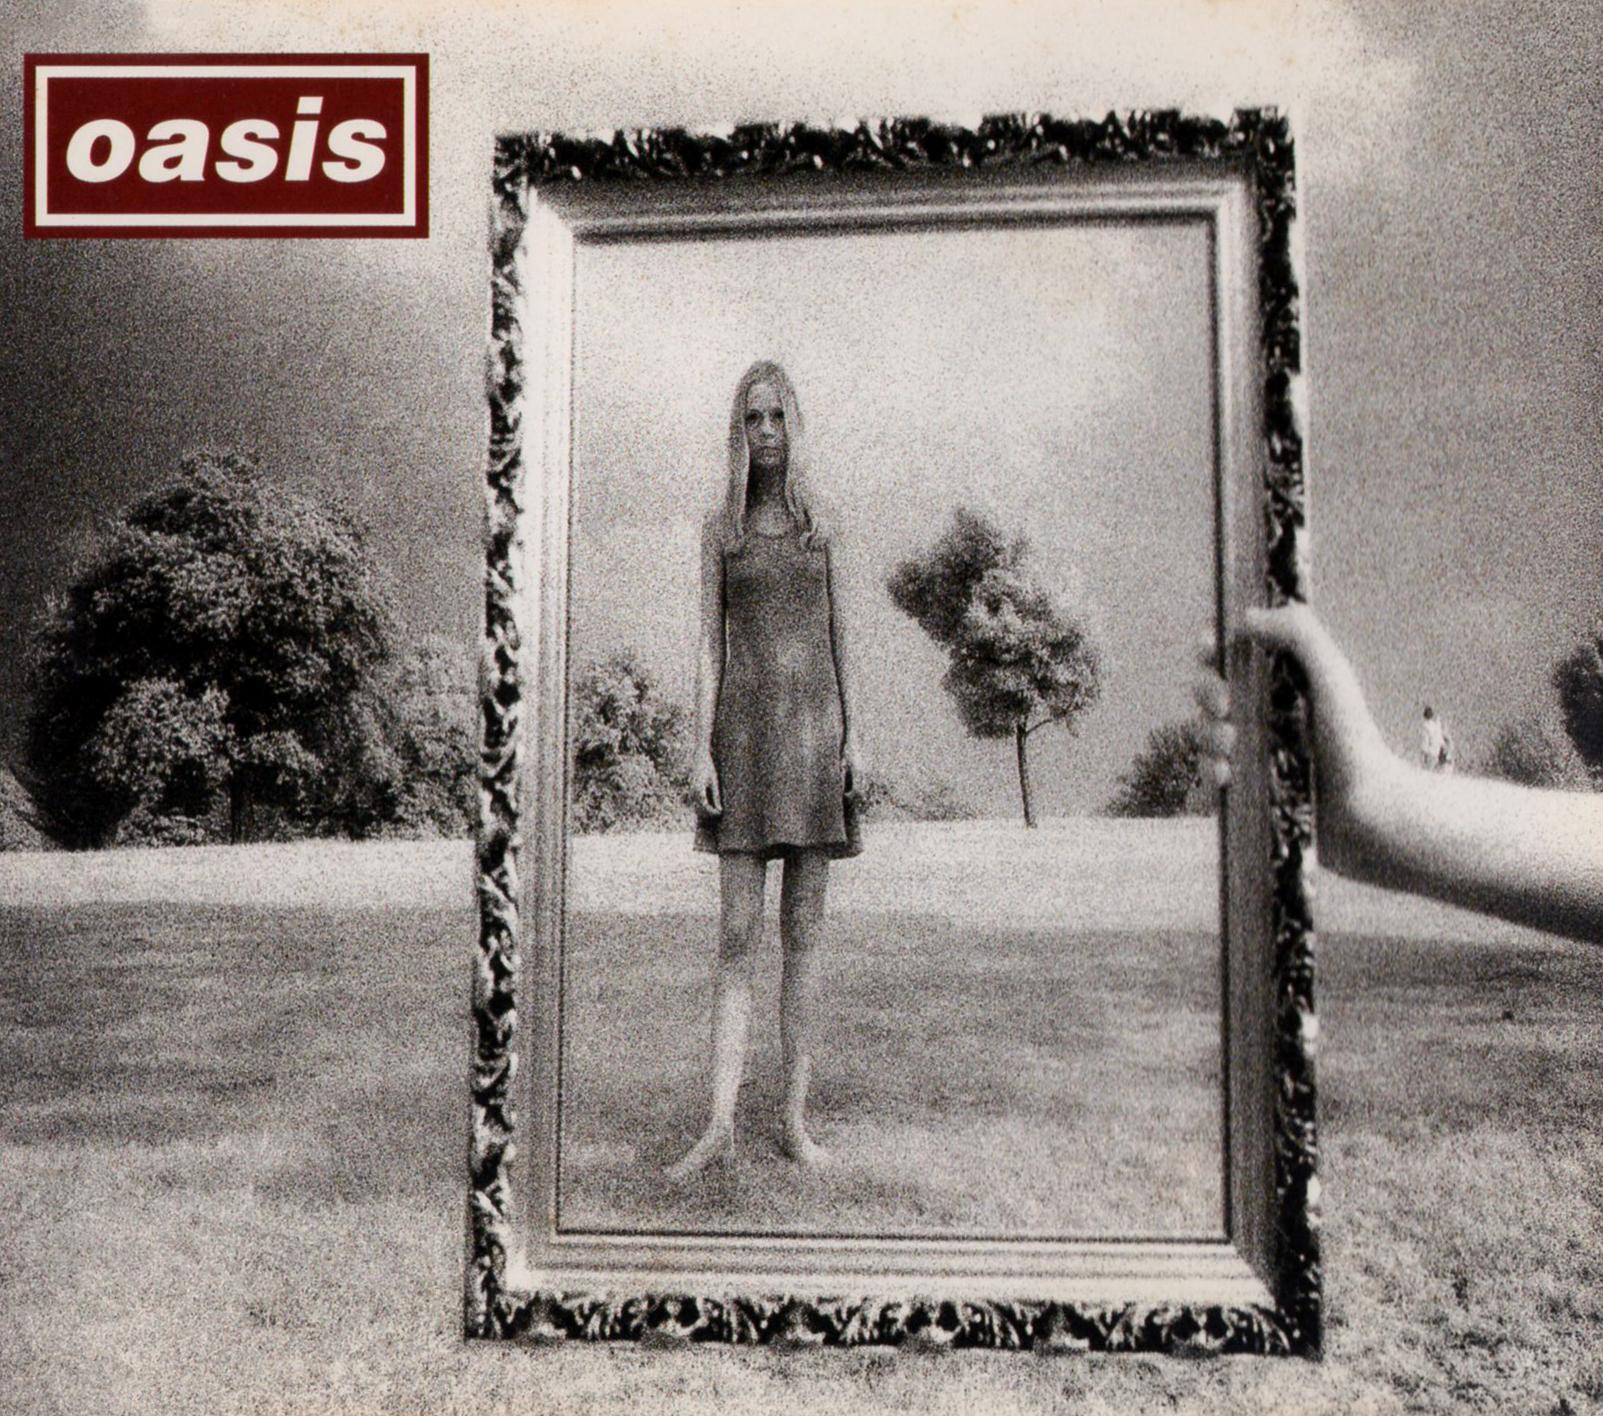 oasis (オアシス) 8thシングル『Wonderwall (ワンダーウォール)』(1995年11月23日発売) 高画質CDジャケット画像